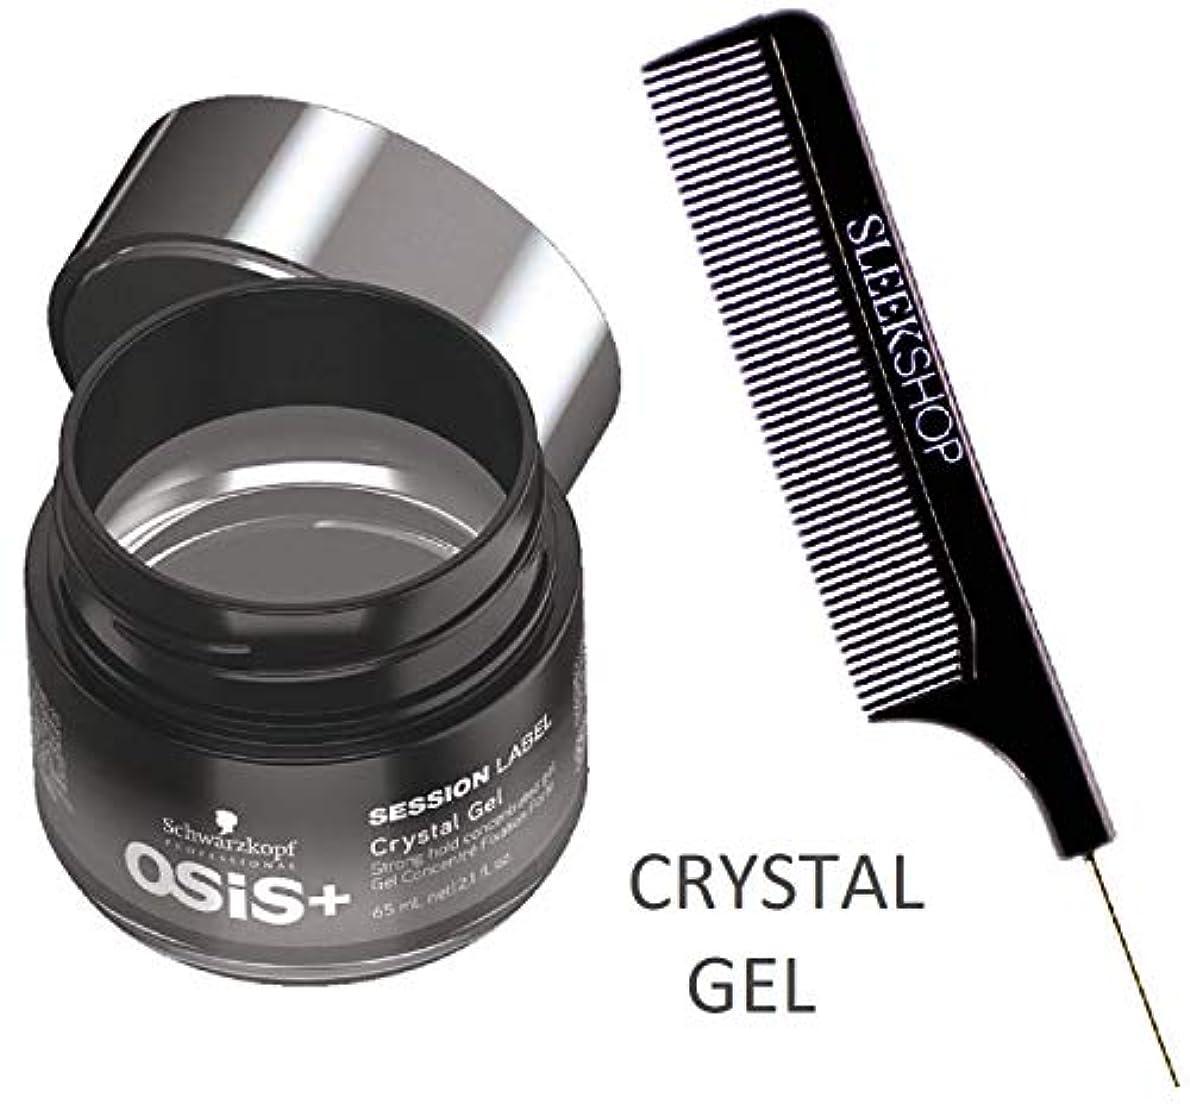 実施する完璧な素晴らしさSchwarzkopf OSIS +セッションラベルCRYSTAL GELストロングホールド濃縮ジェル(STYLISTのKIT) 2.1オンス/ 65ミリリットル